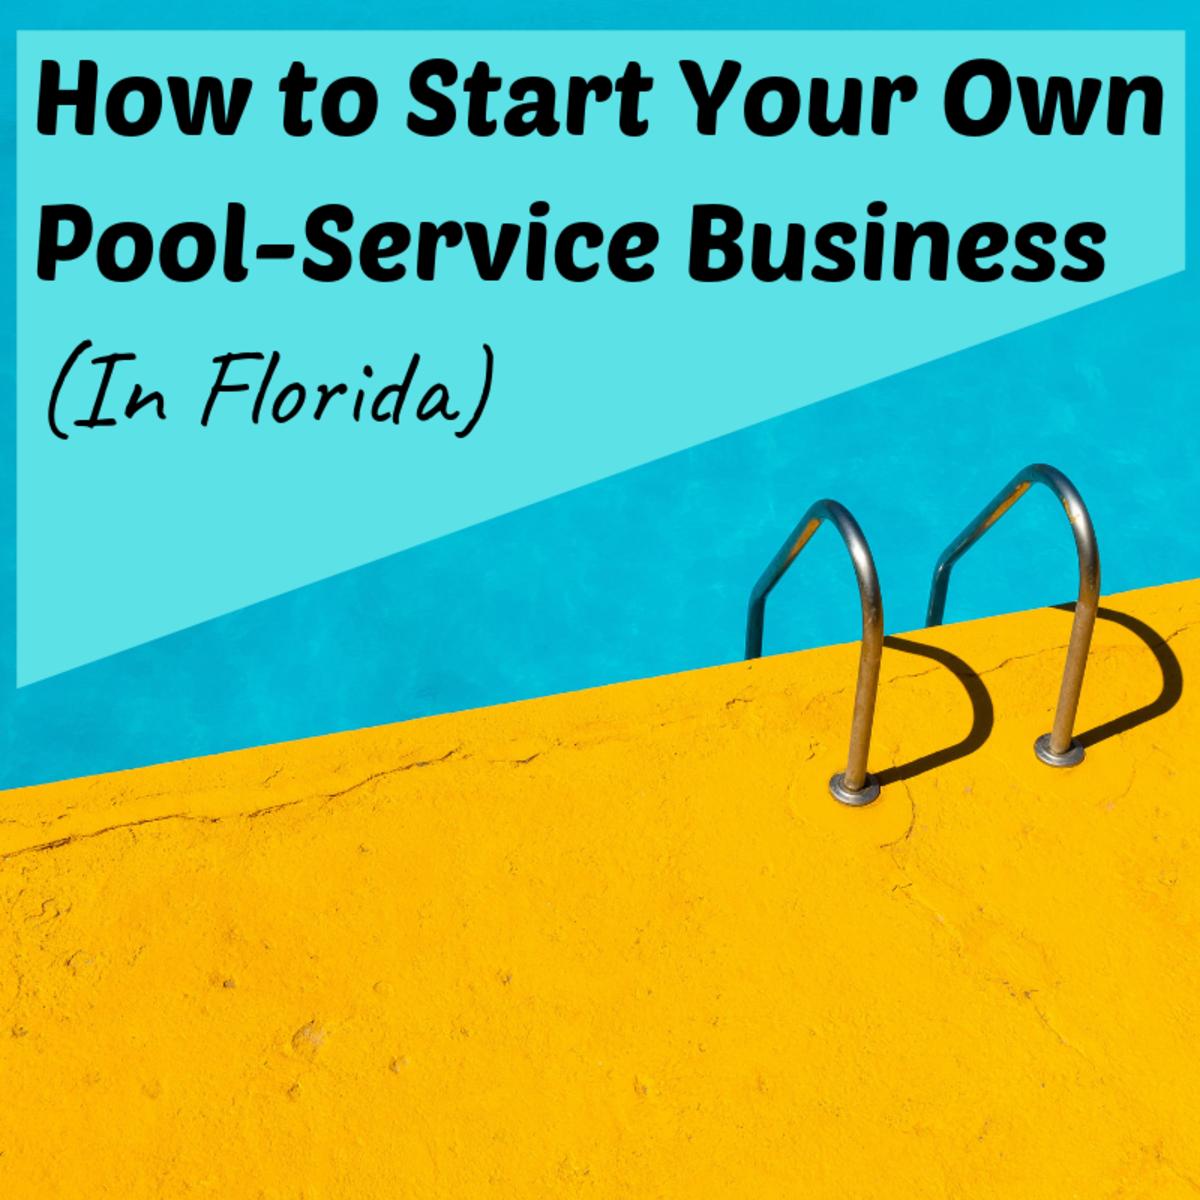 开始自己的泳池服务业务是一个艰难的事业,但很值得努力!